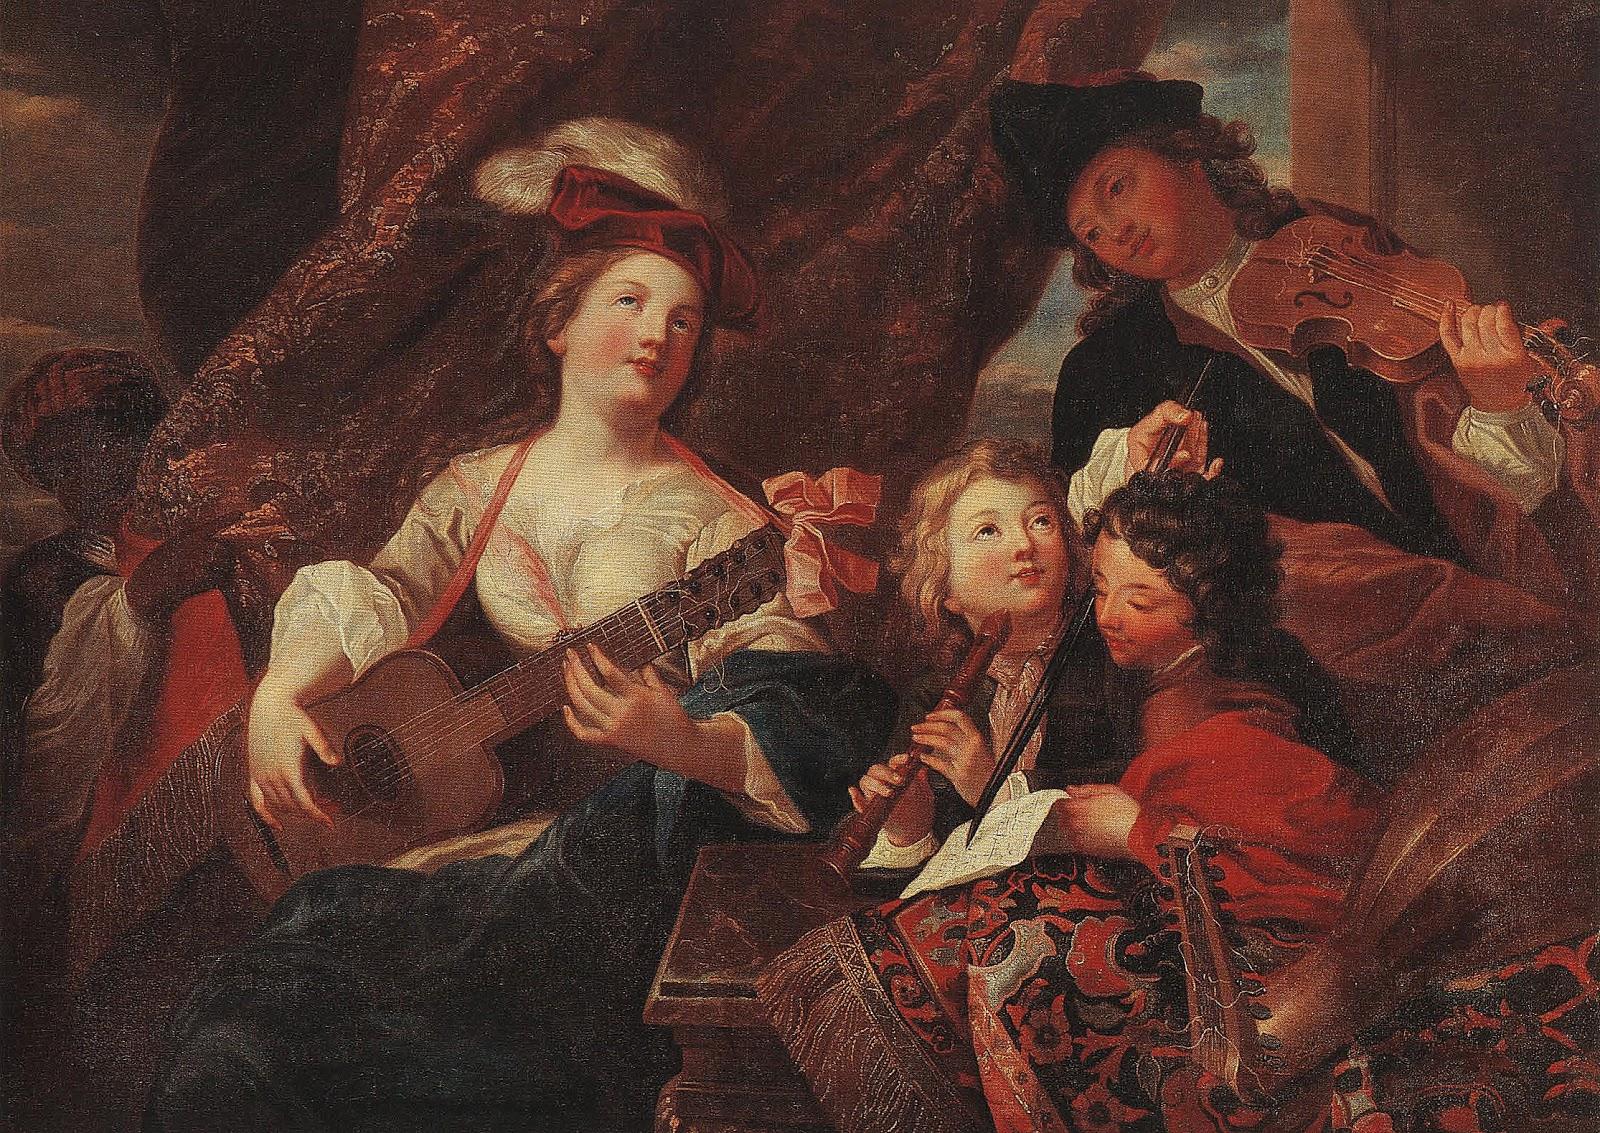 Musée Mandet Musings: La leçon de musique / The Music Lesson